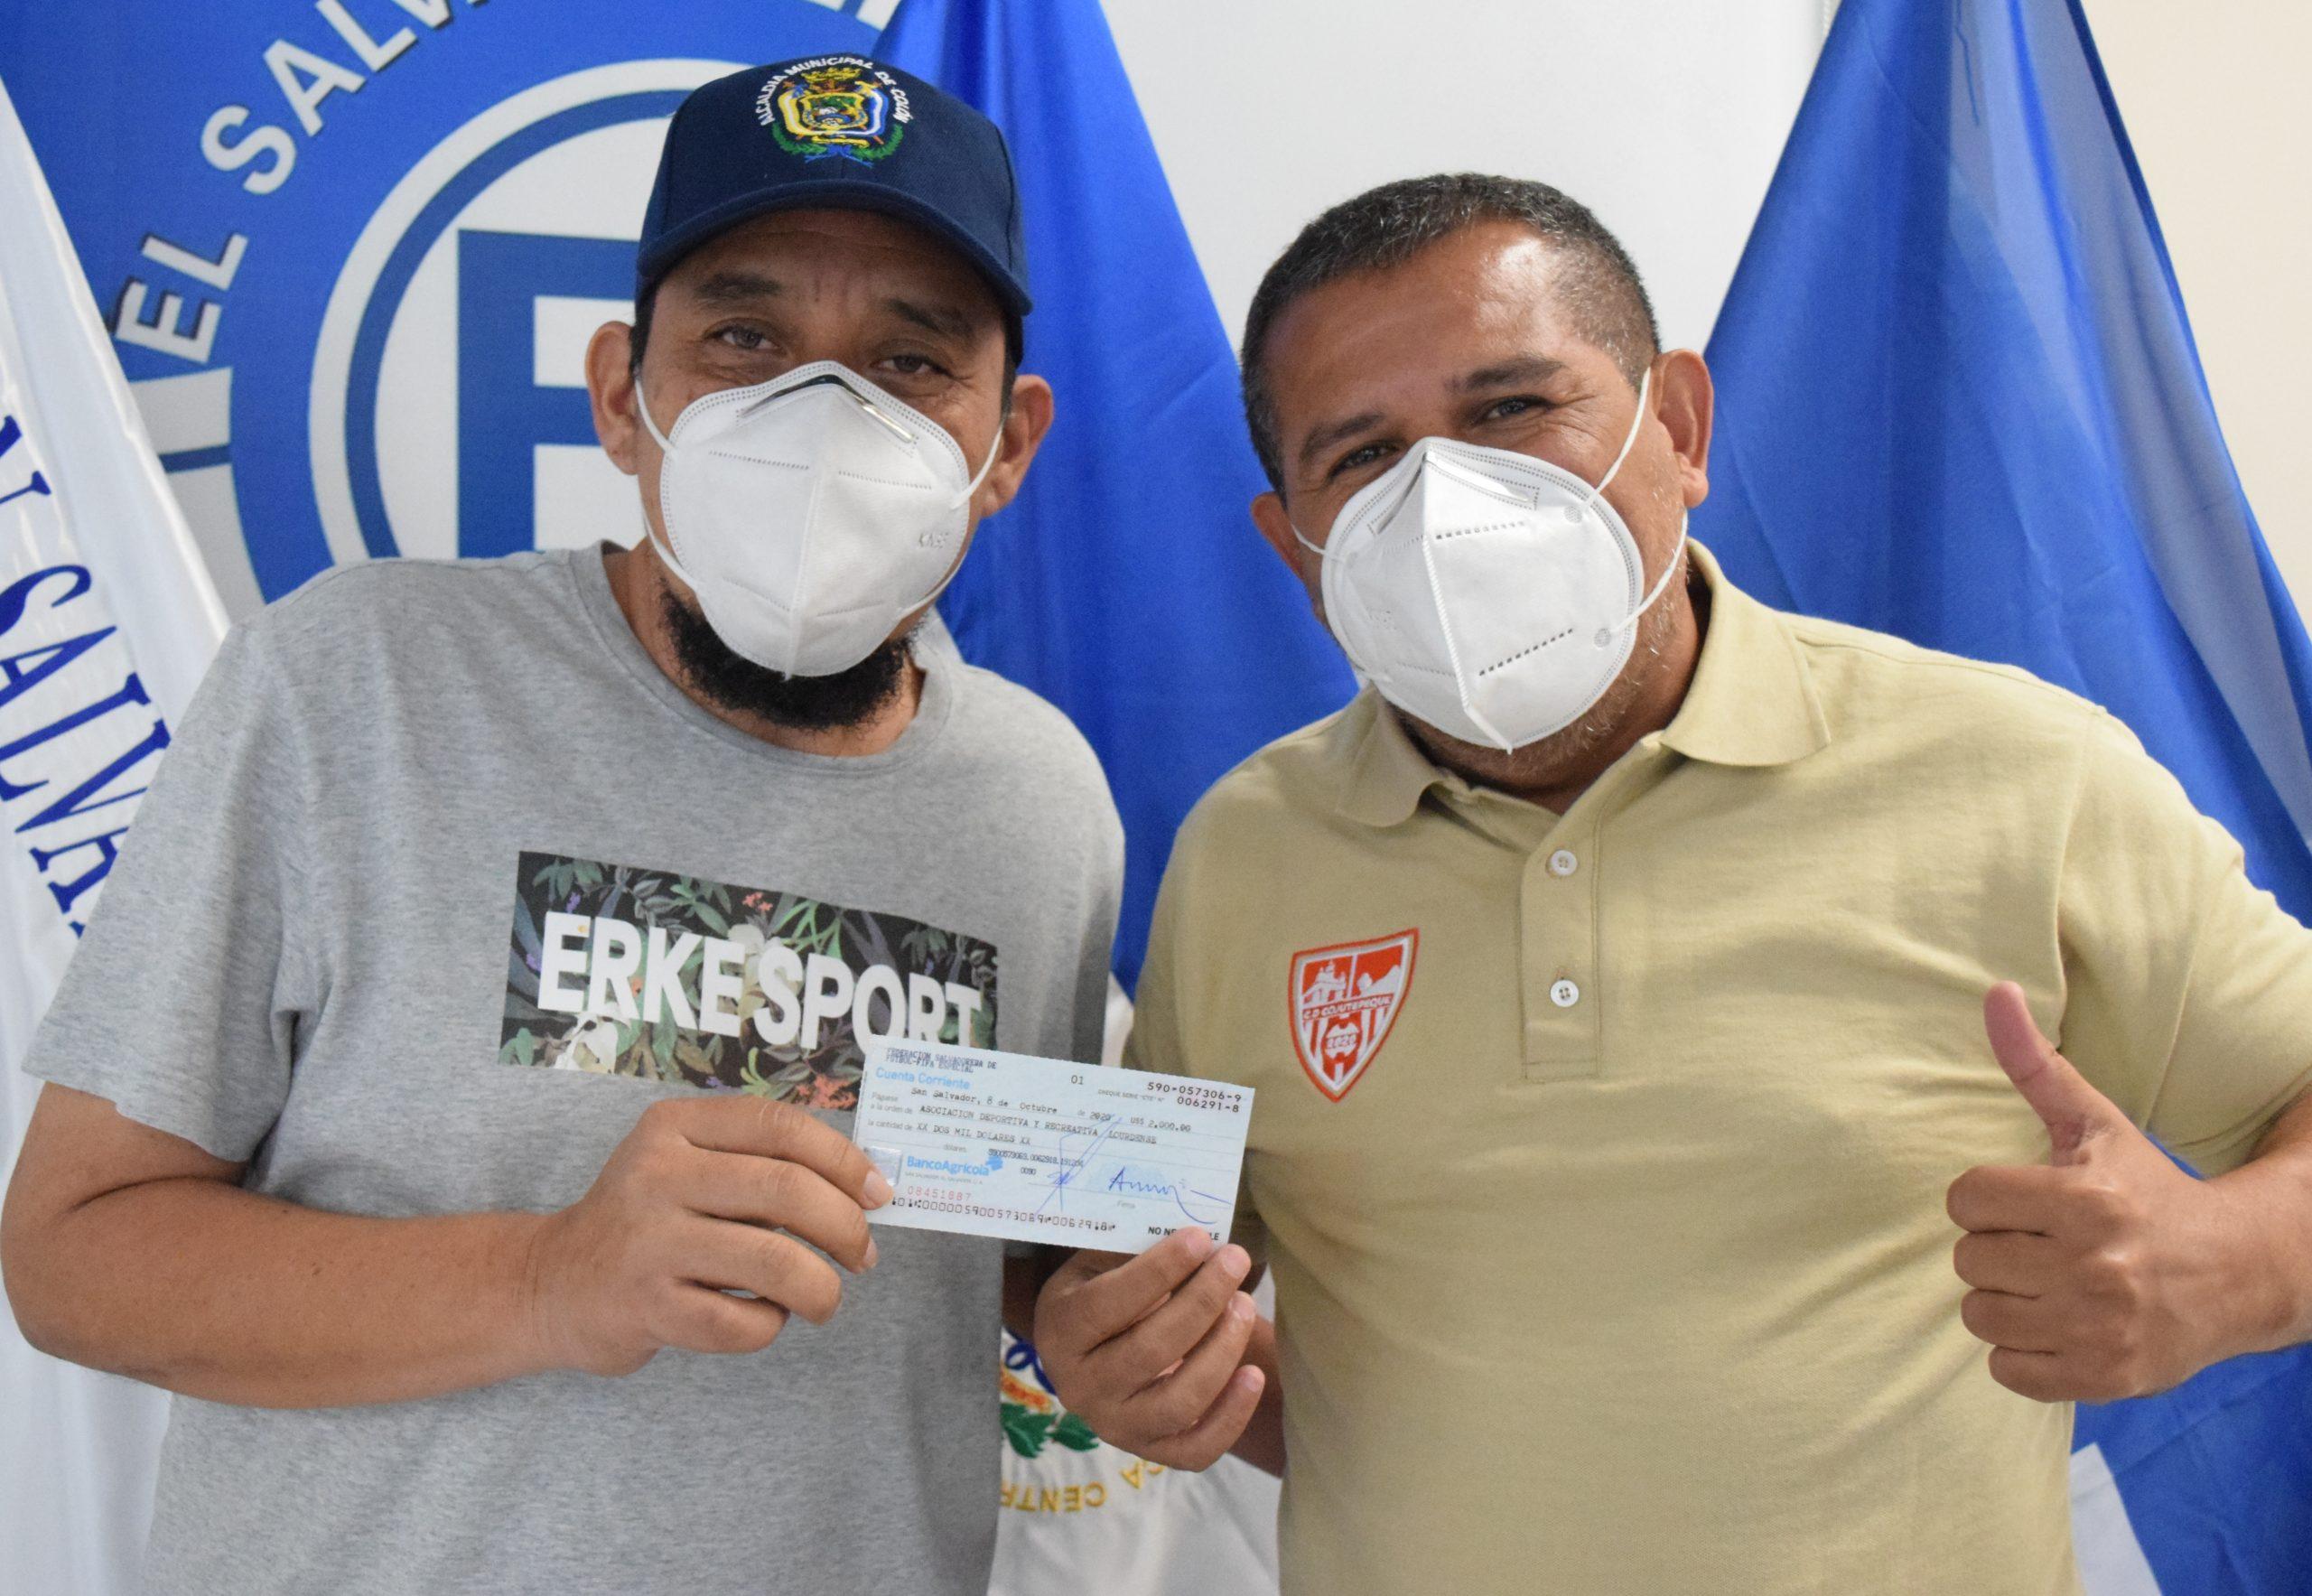 Señor Oswaldo Sánchez de Asociación Deportiva y Recreativa Lourdense de Lourdes Colon, La Libertad